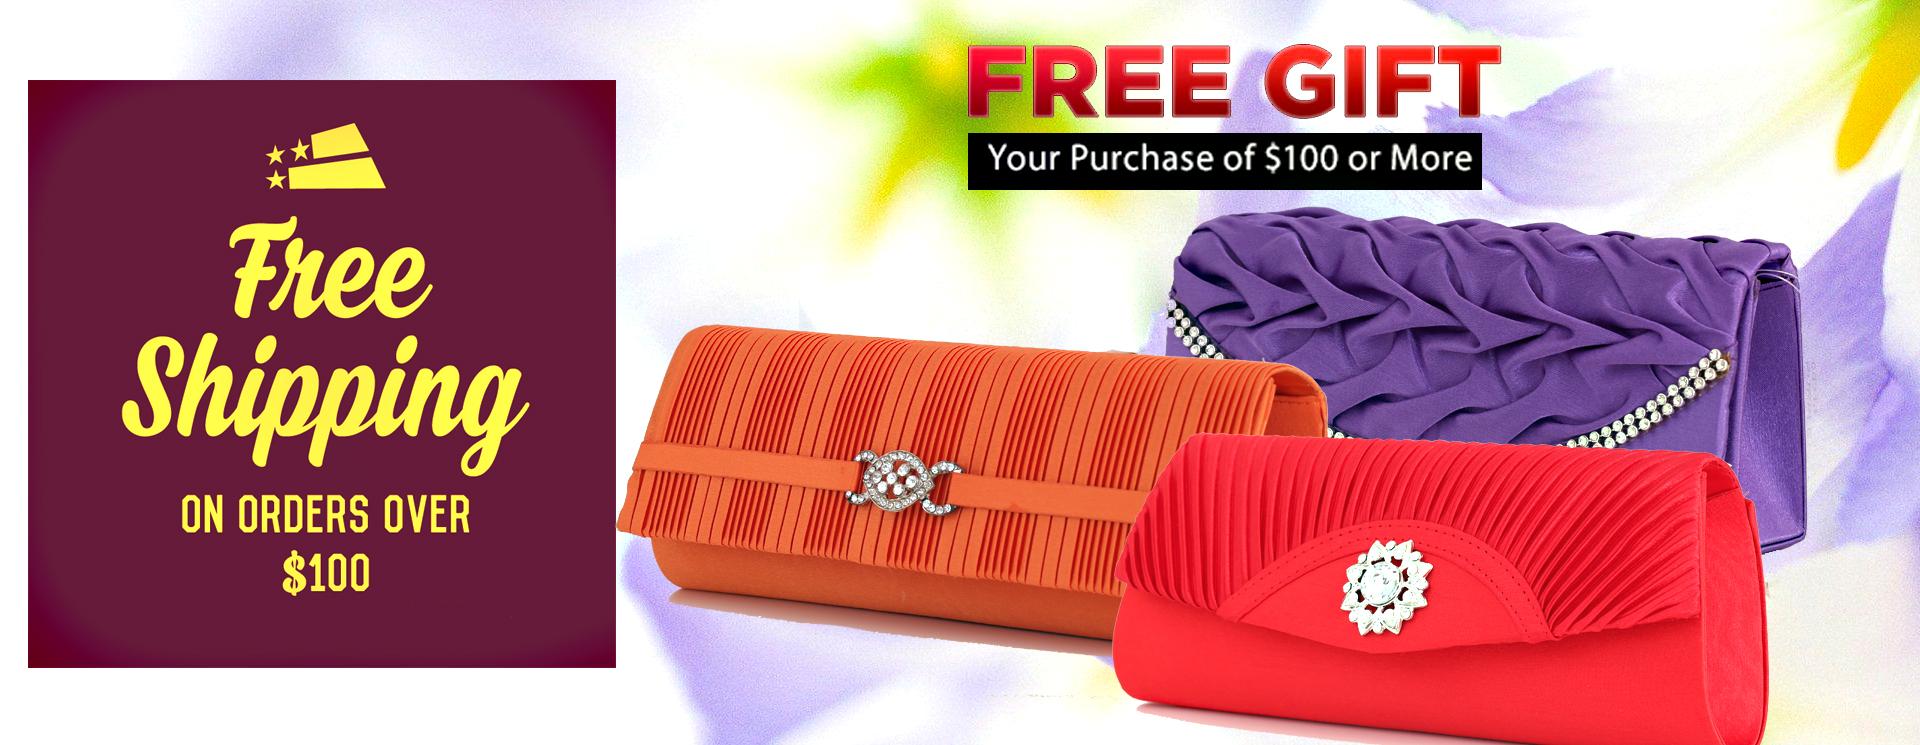 free-gift-banner.jpg